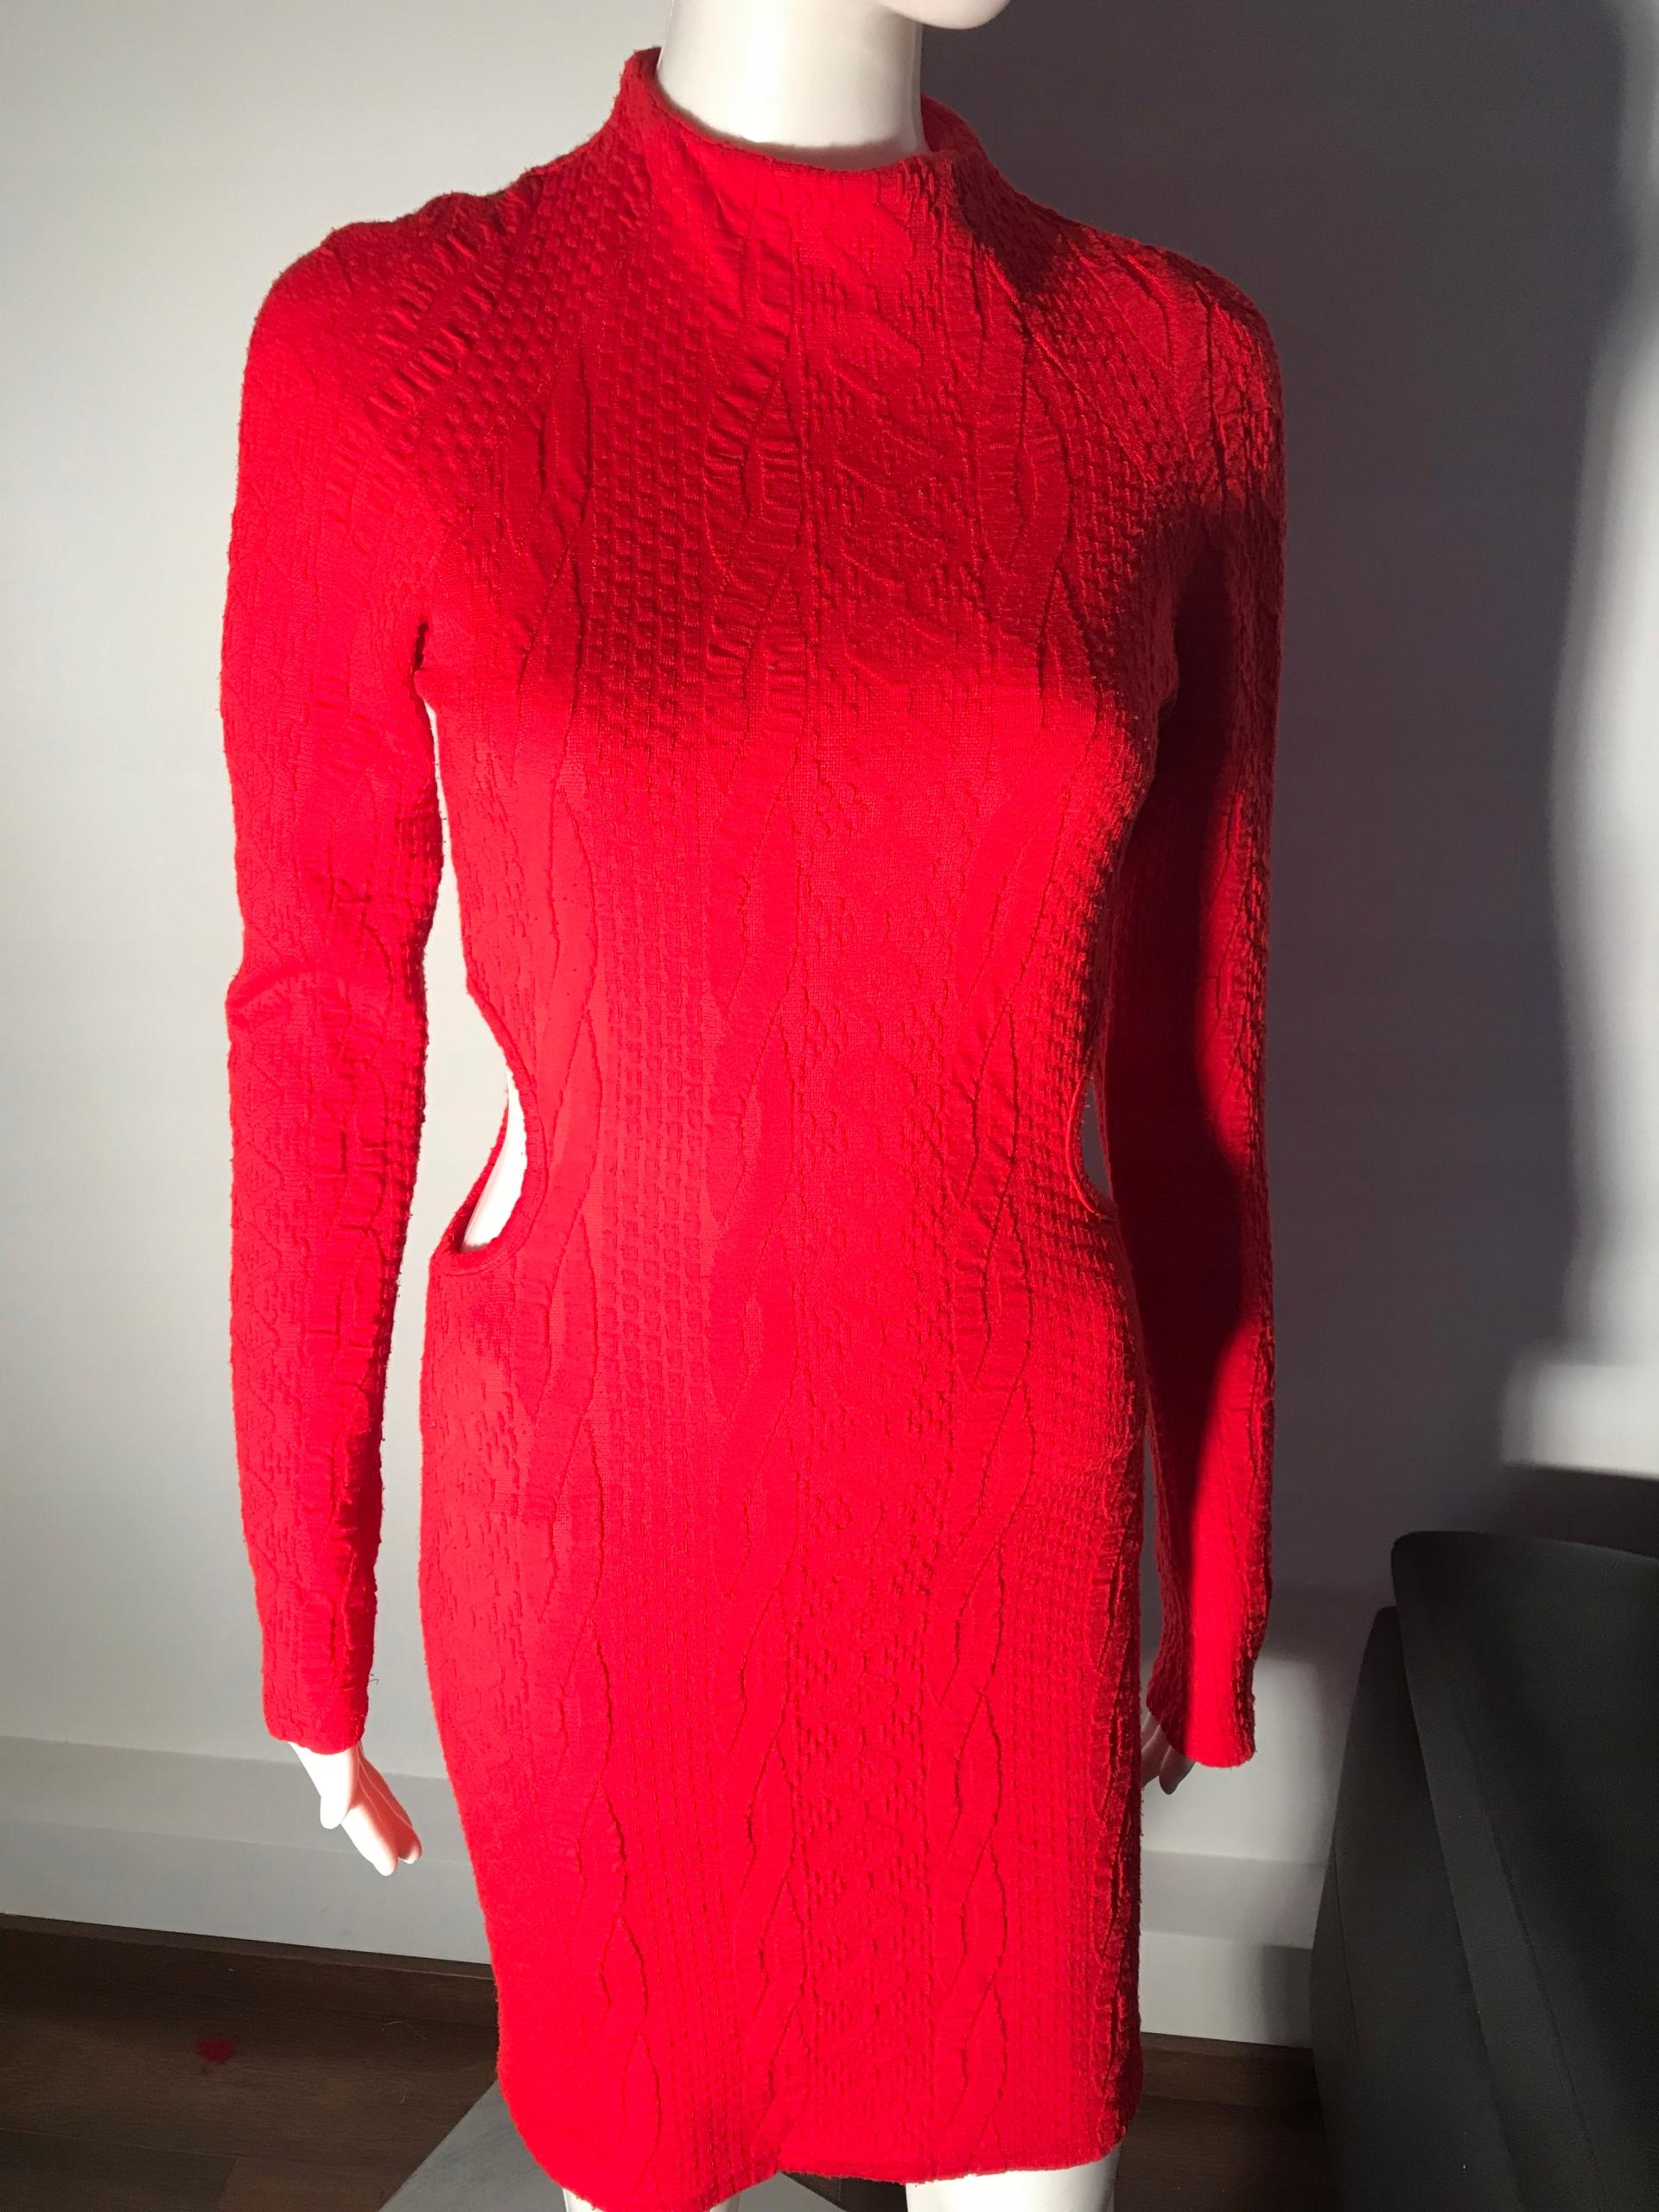 dc848f9fd6 Asos 34-36 S sukienka czerwona mini sylwester - 7652207053 ...